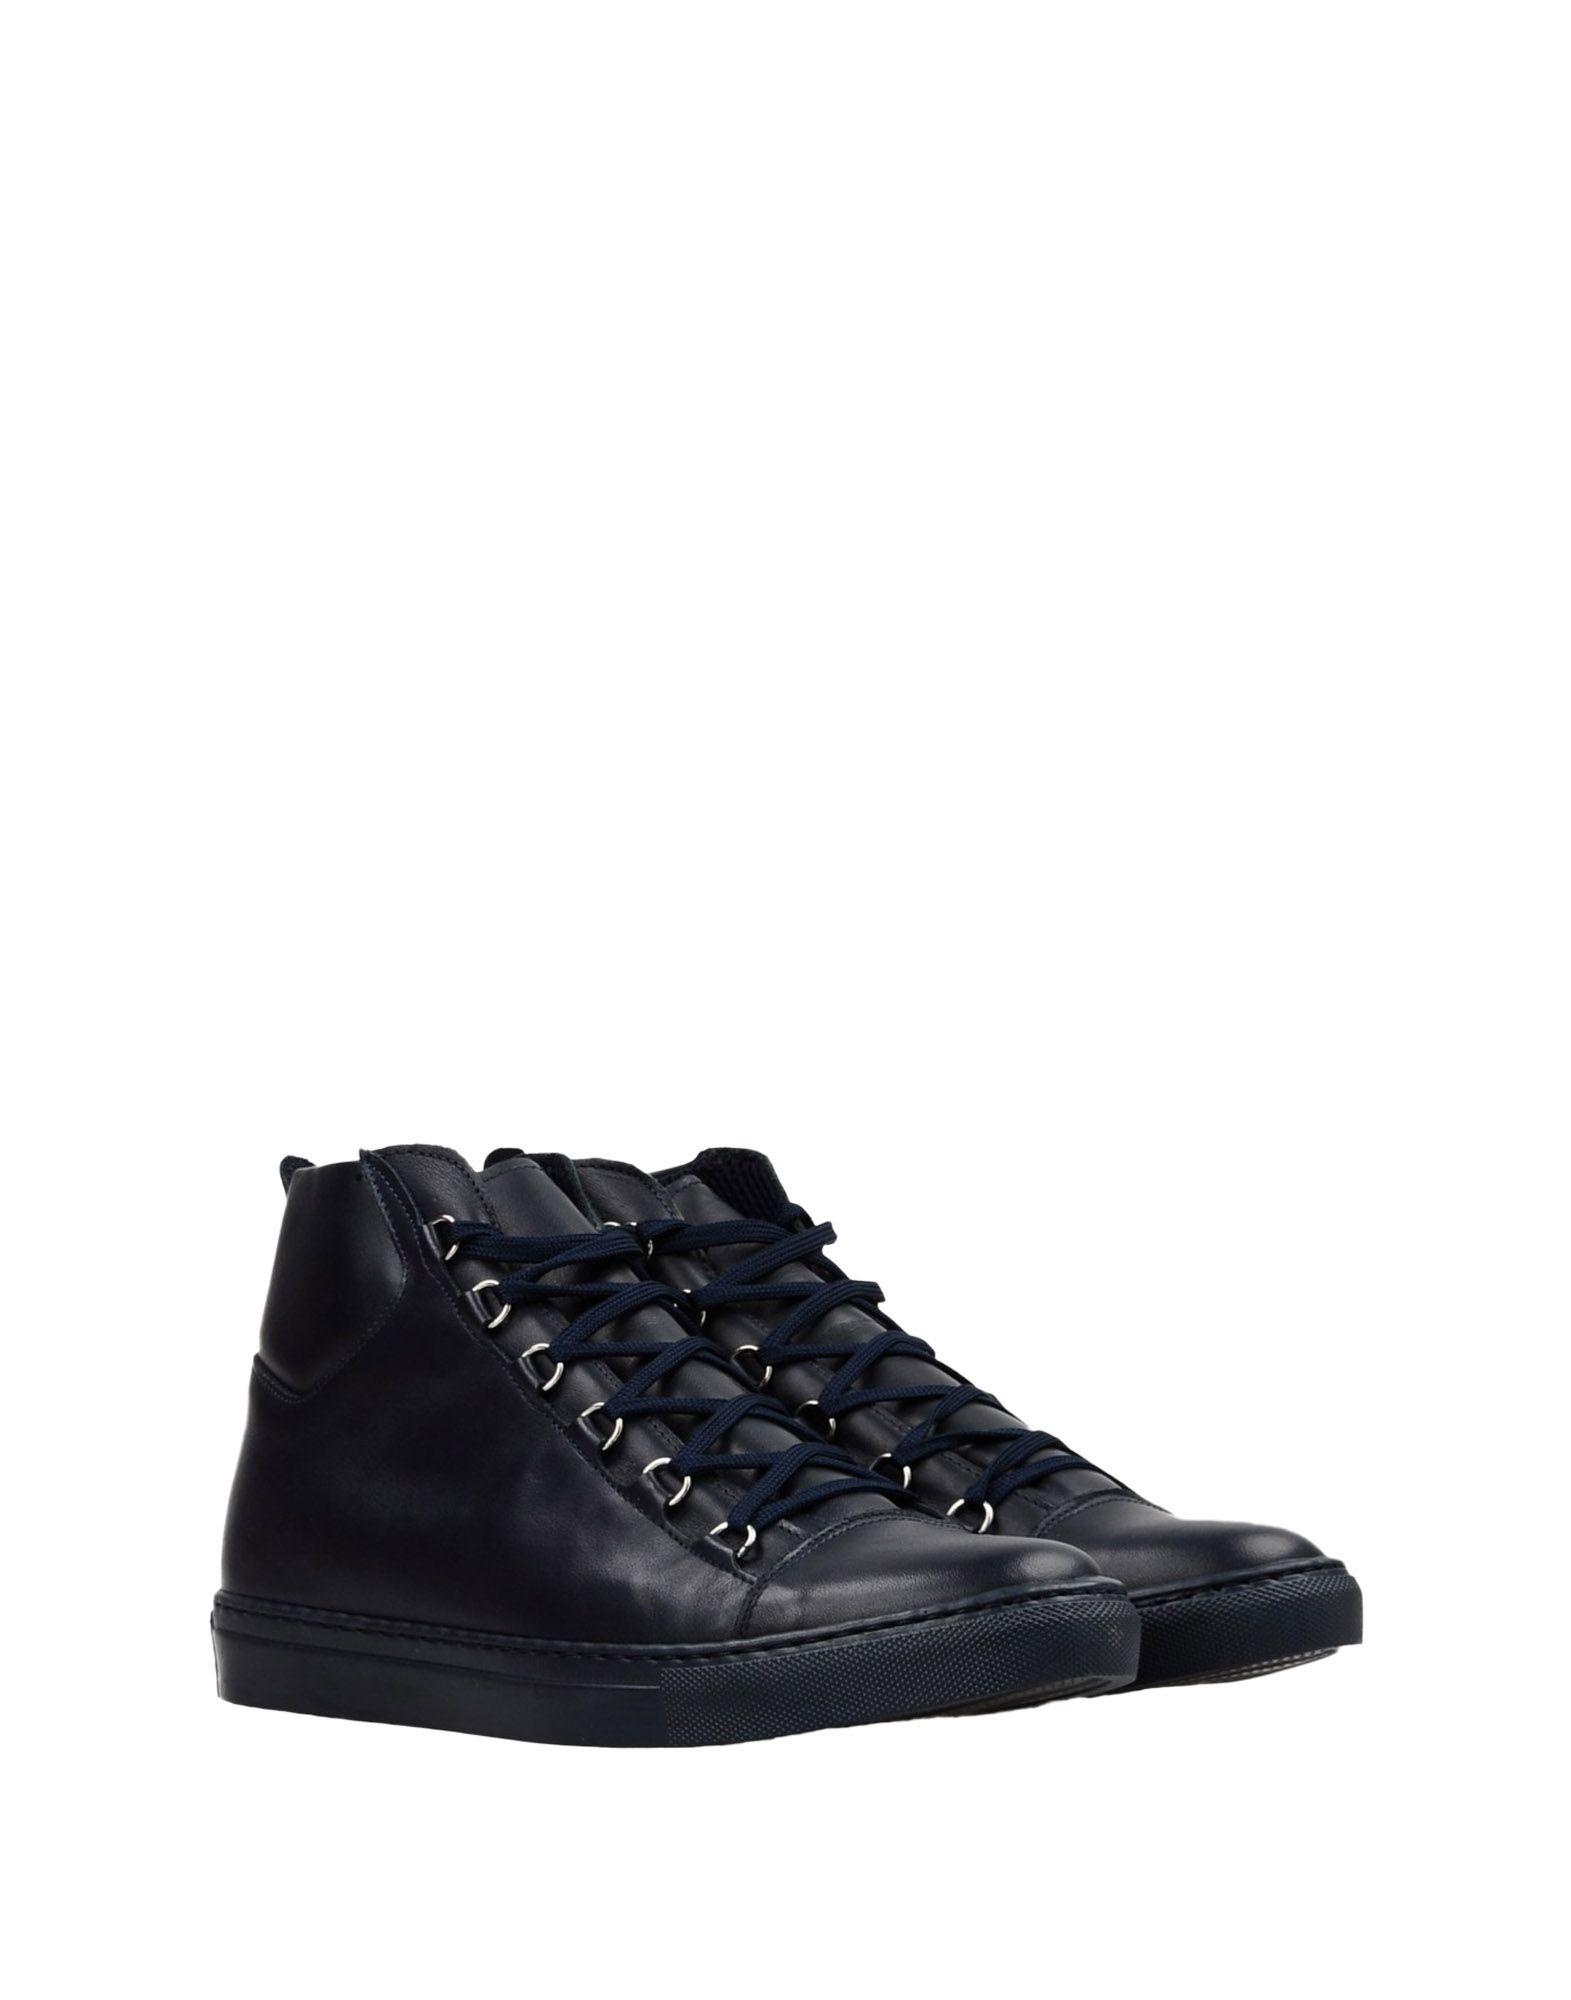 11426630NF Edwa Sneakers Herren  11426630NF  c19977